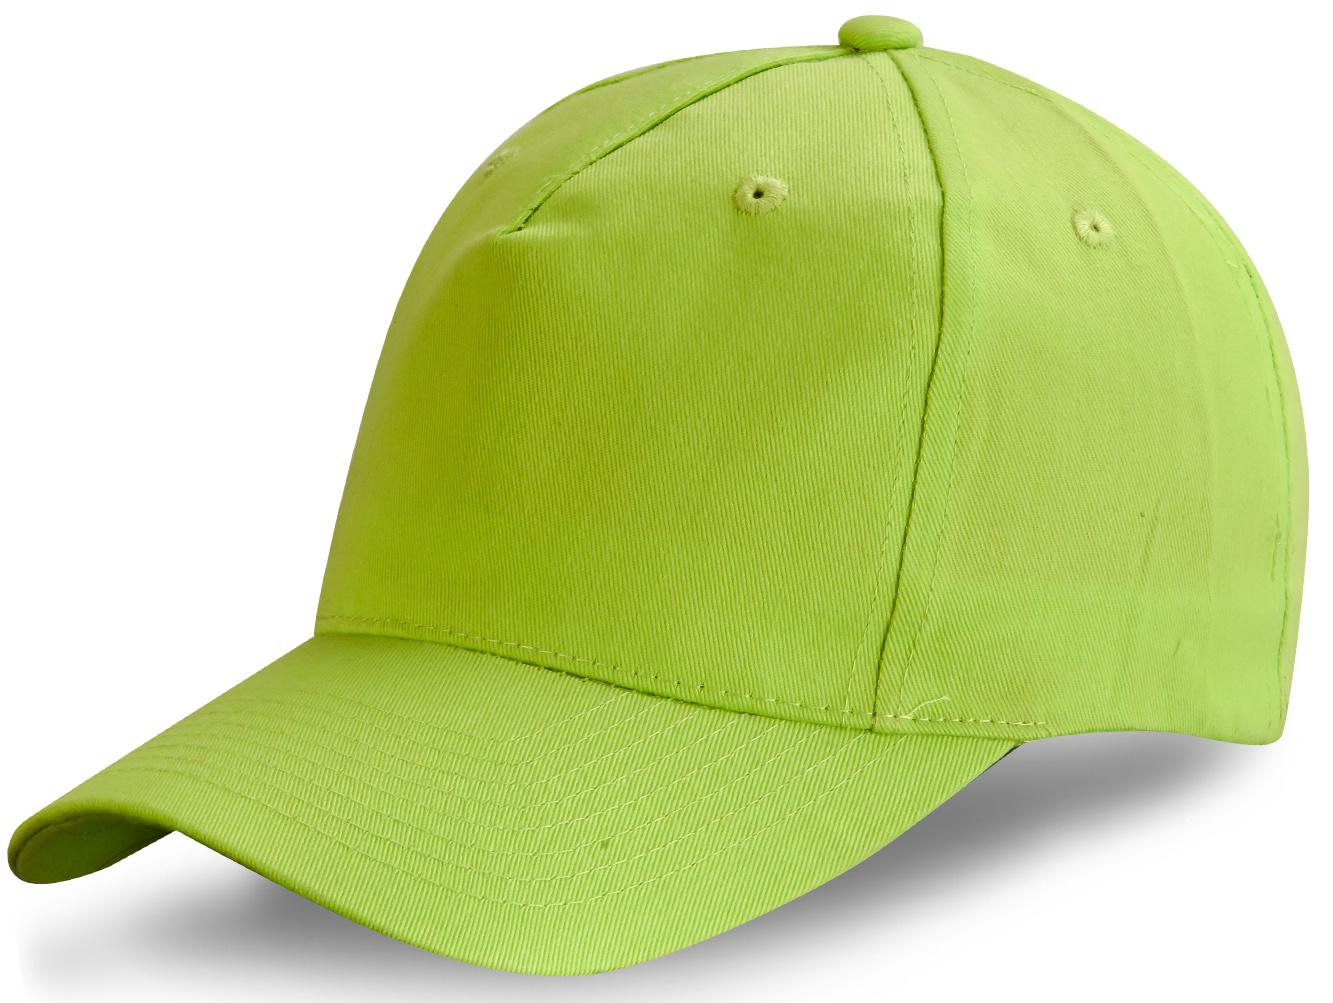 Яркая зеленая бейсболка - купить в интернет-магазине с доставкой